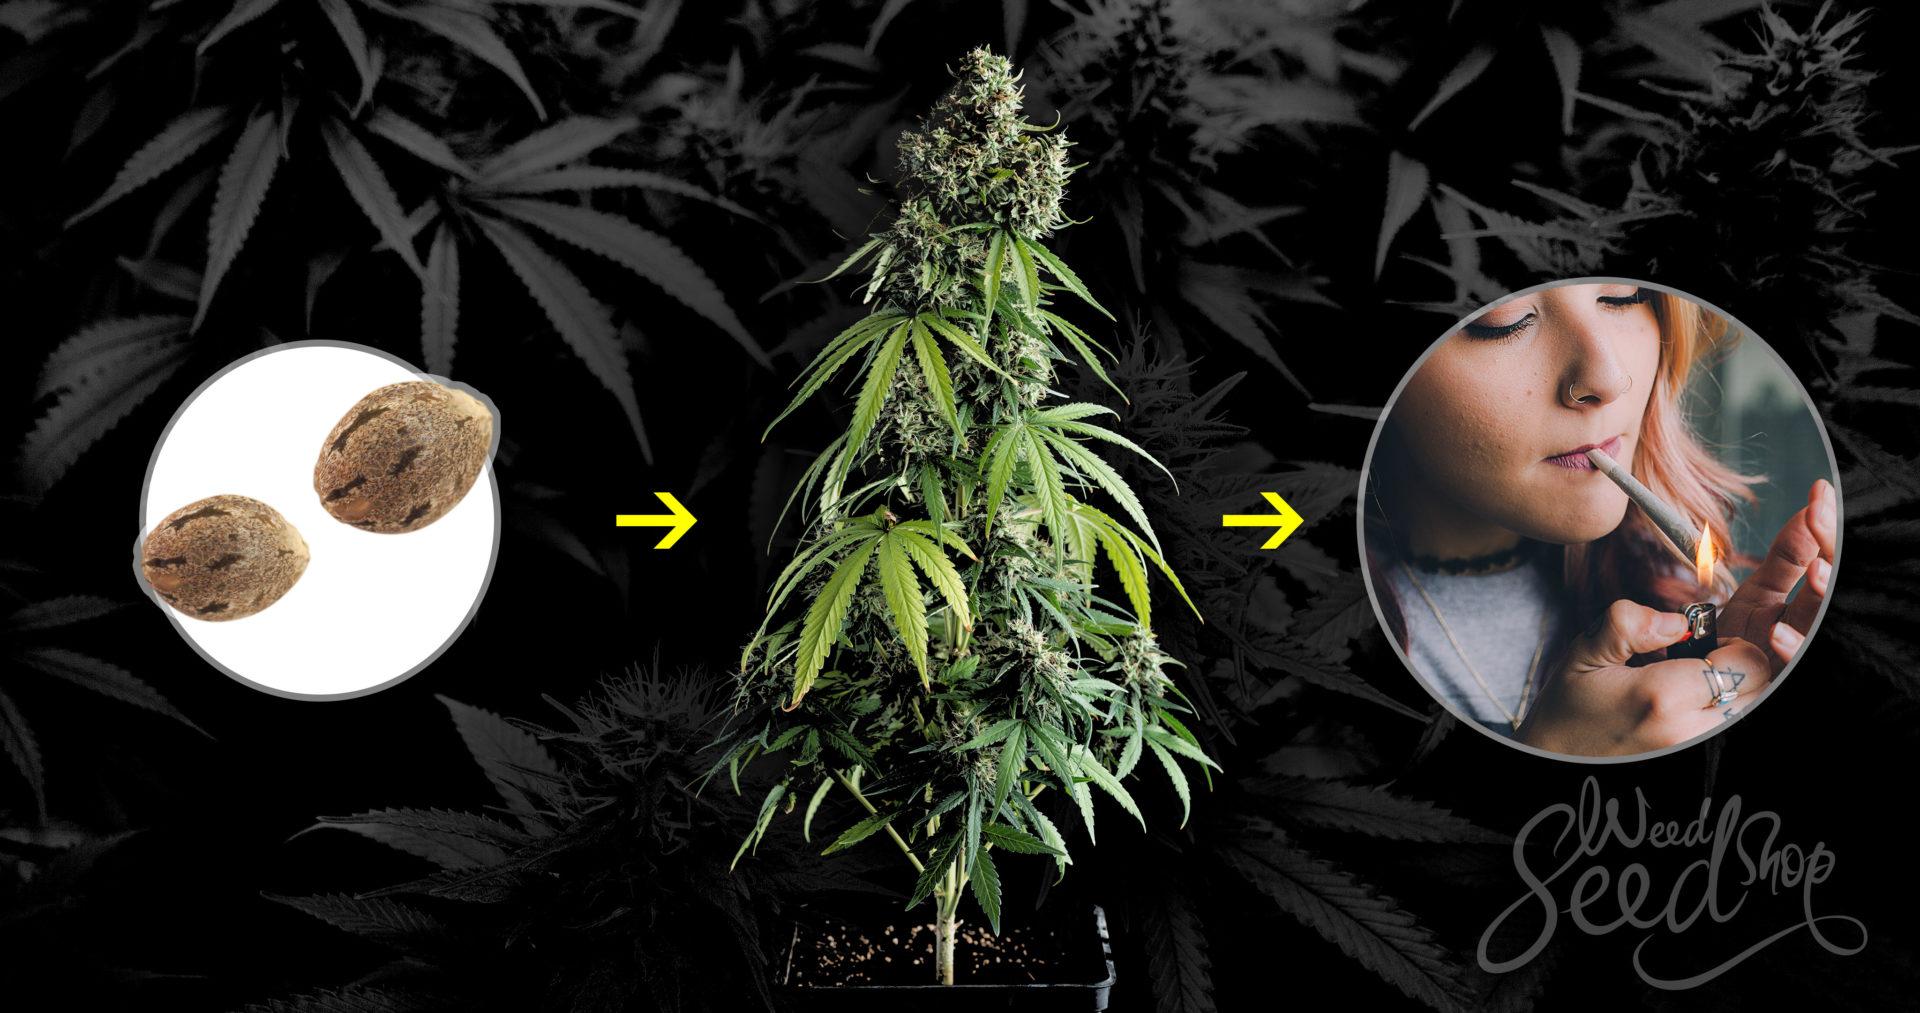 De la graine à la weed : le voyage de la culture du cannabis